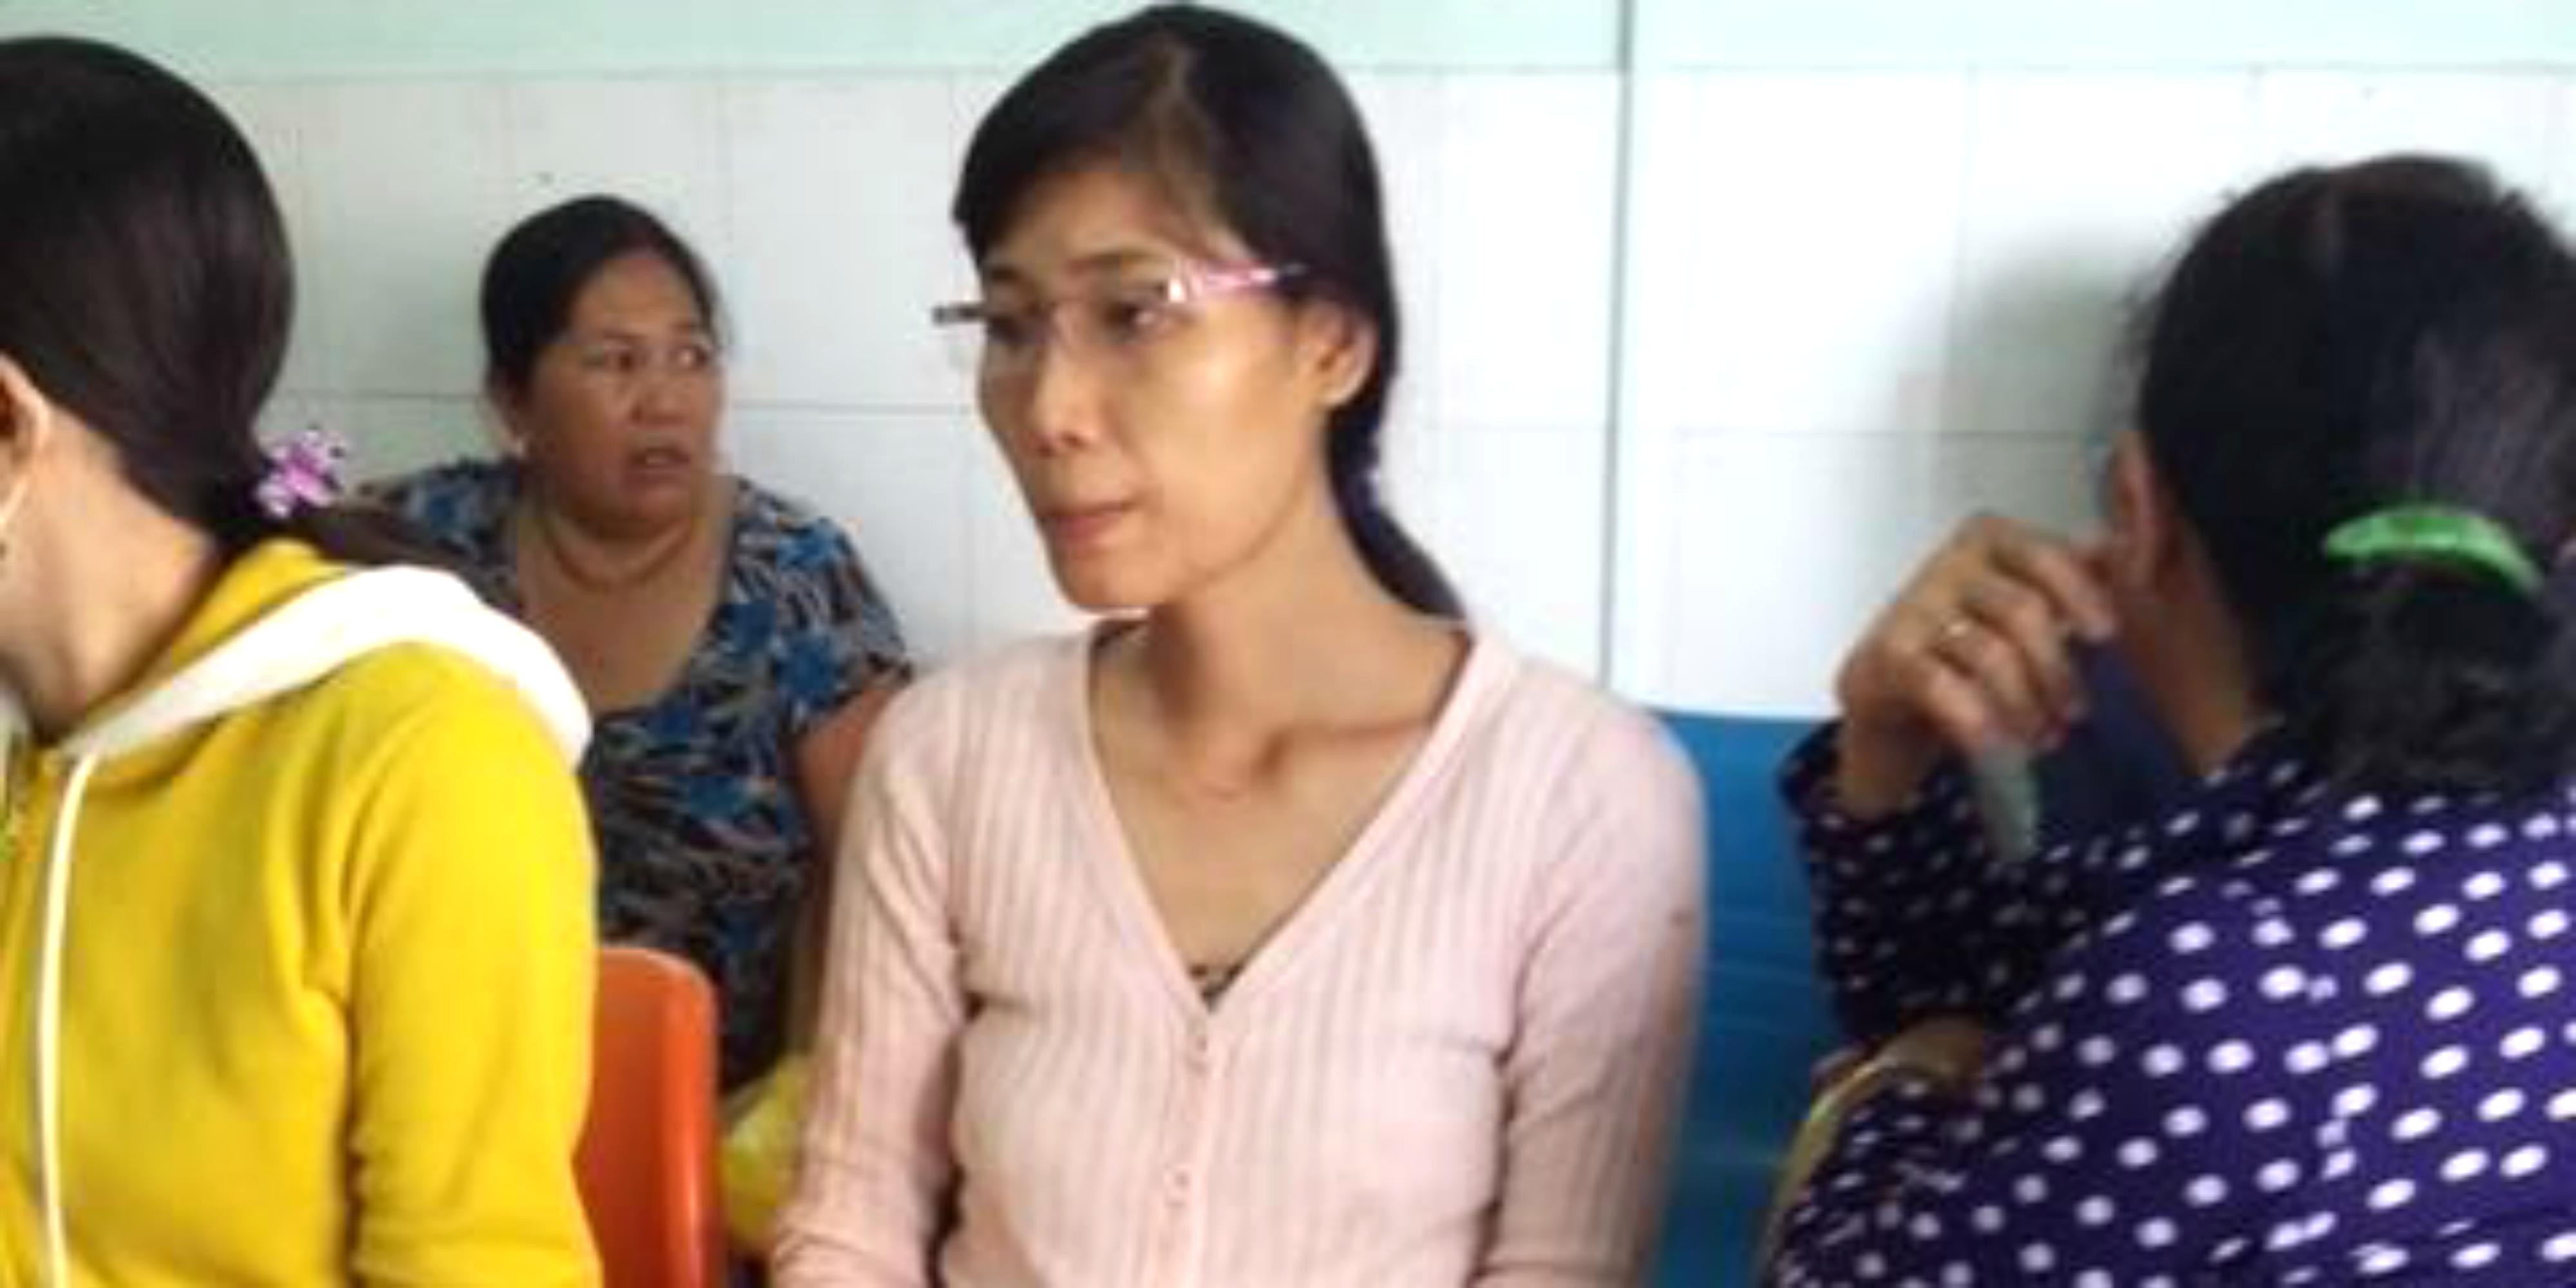 Một phụ nữ bị chặn đường cưỡng hiếp hụt